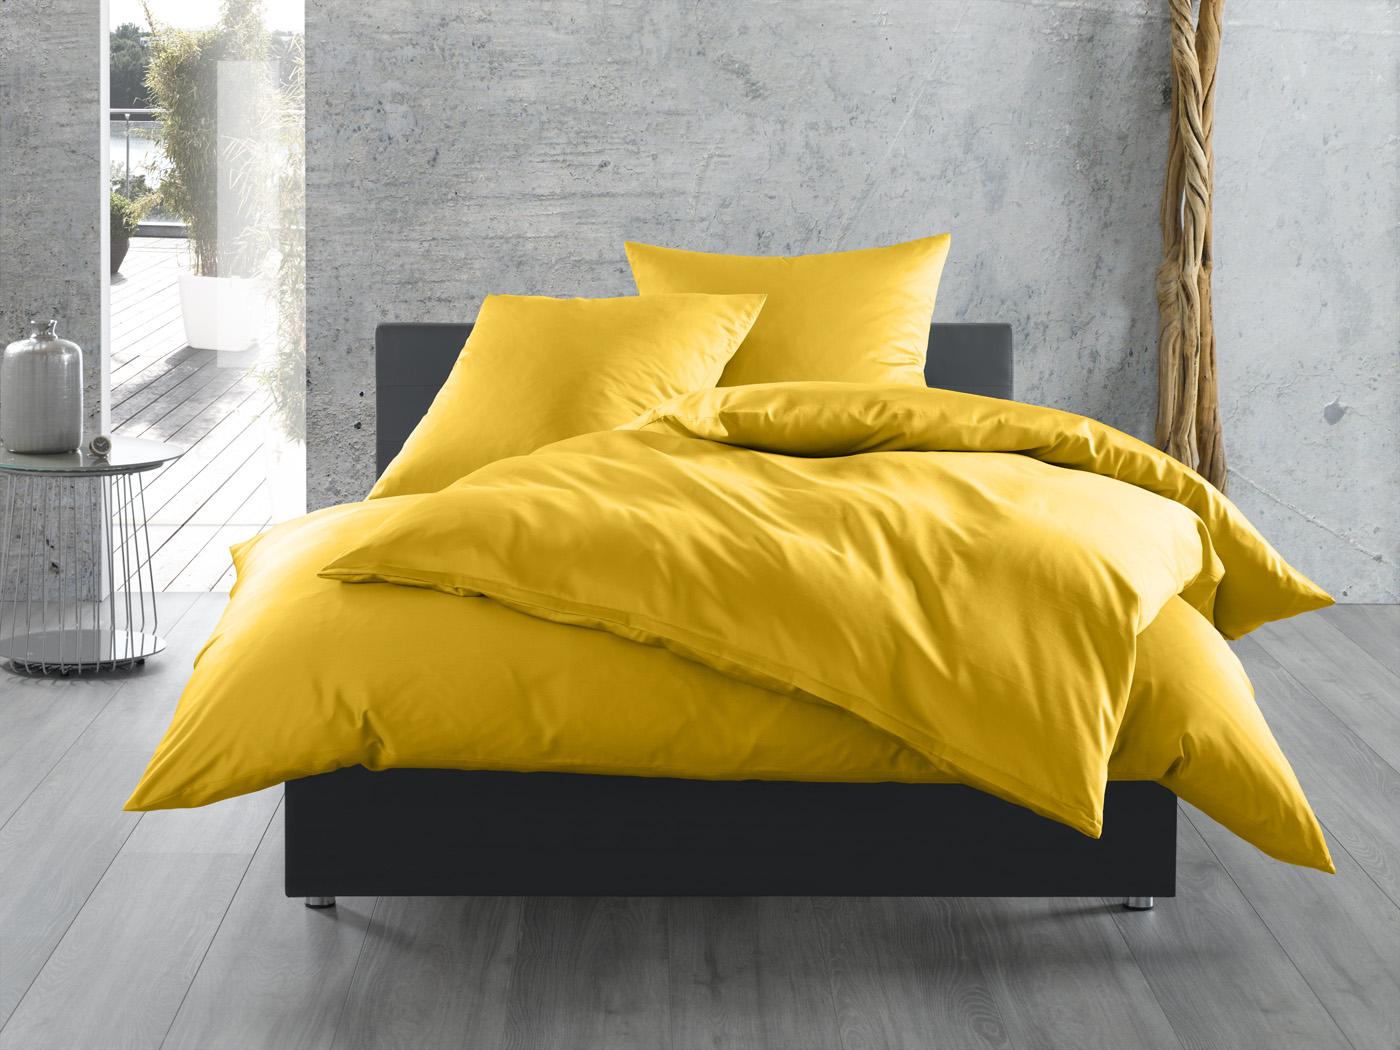 Bettwaesche Mit Stil Mako Satin Baumwollsatin Bettwäsche Uni Einfarbig Gelb